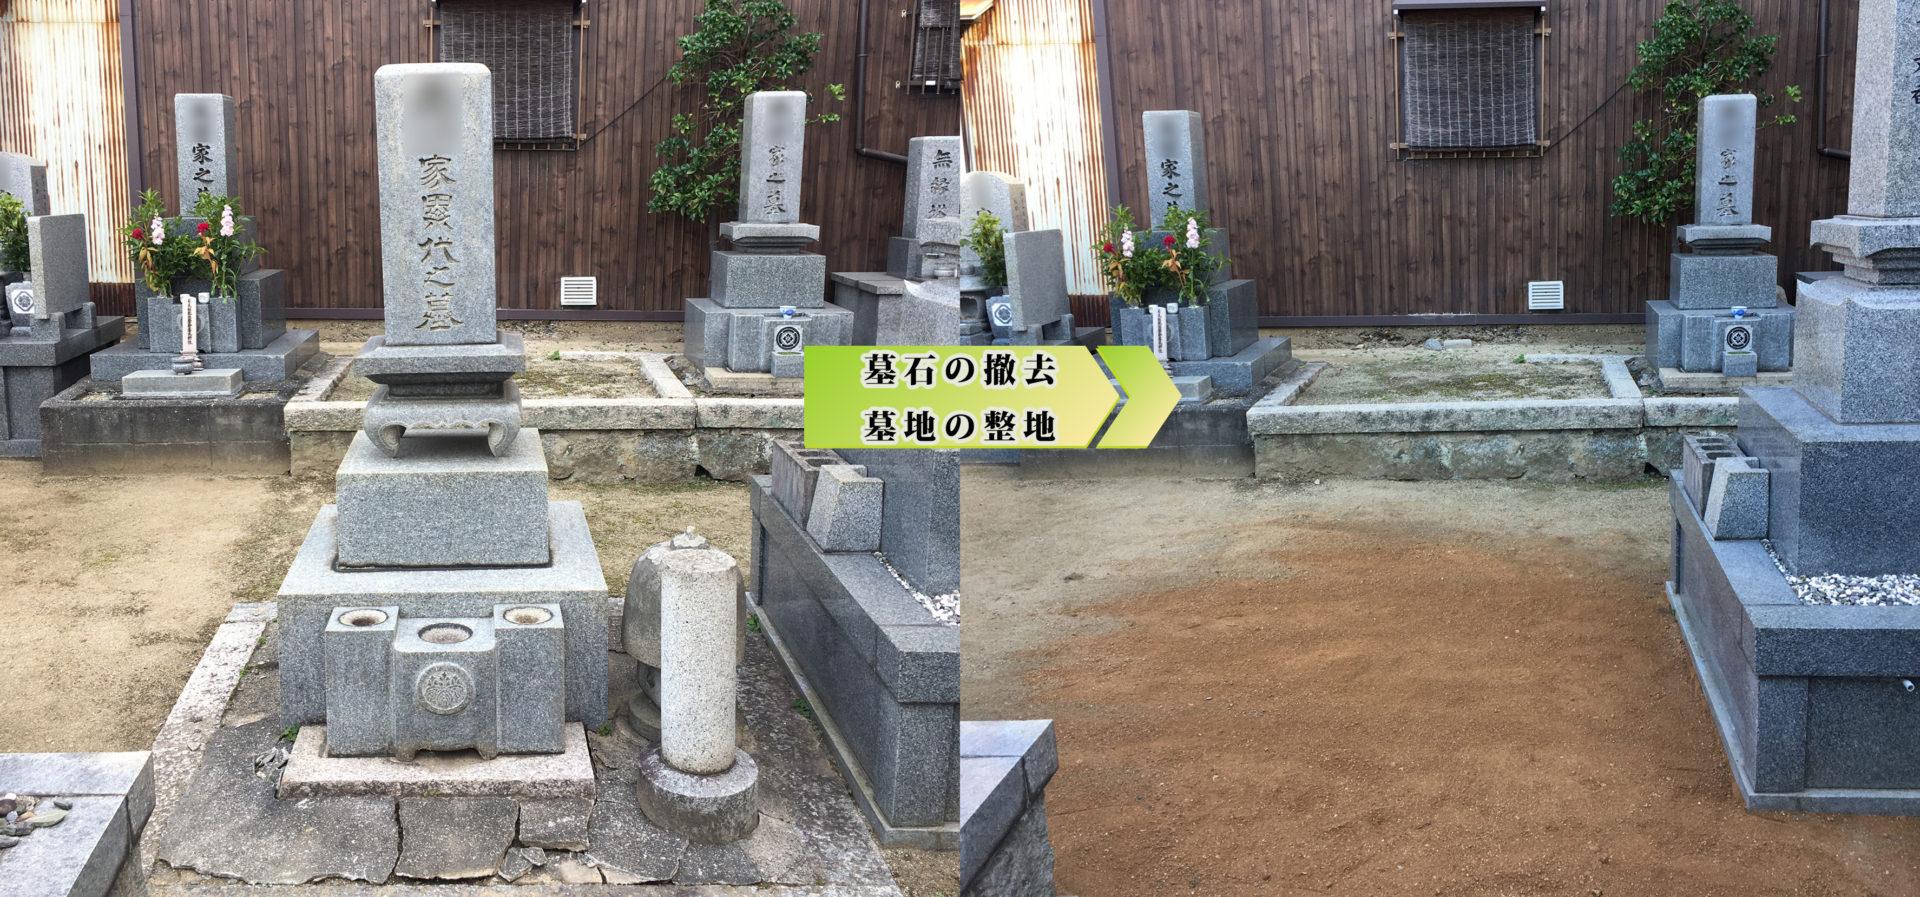 墓石撤去、墓地整地